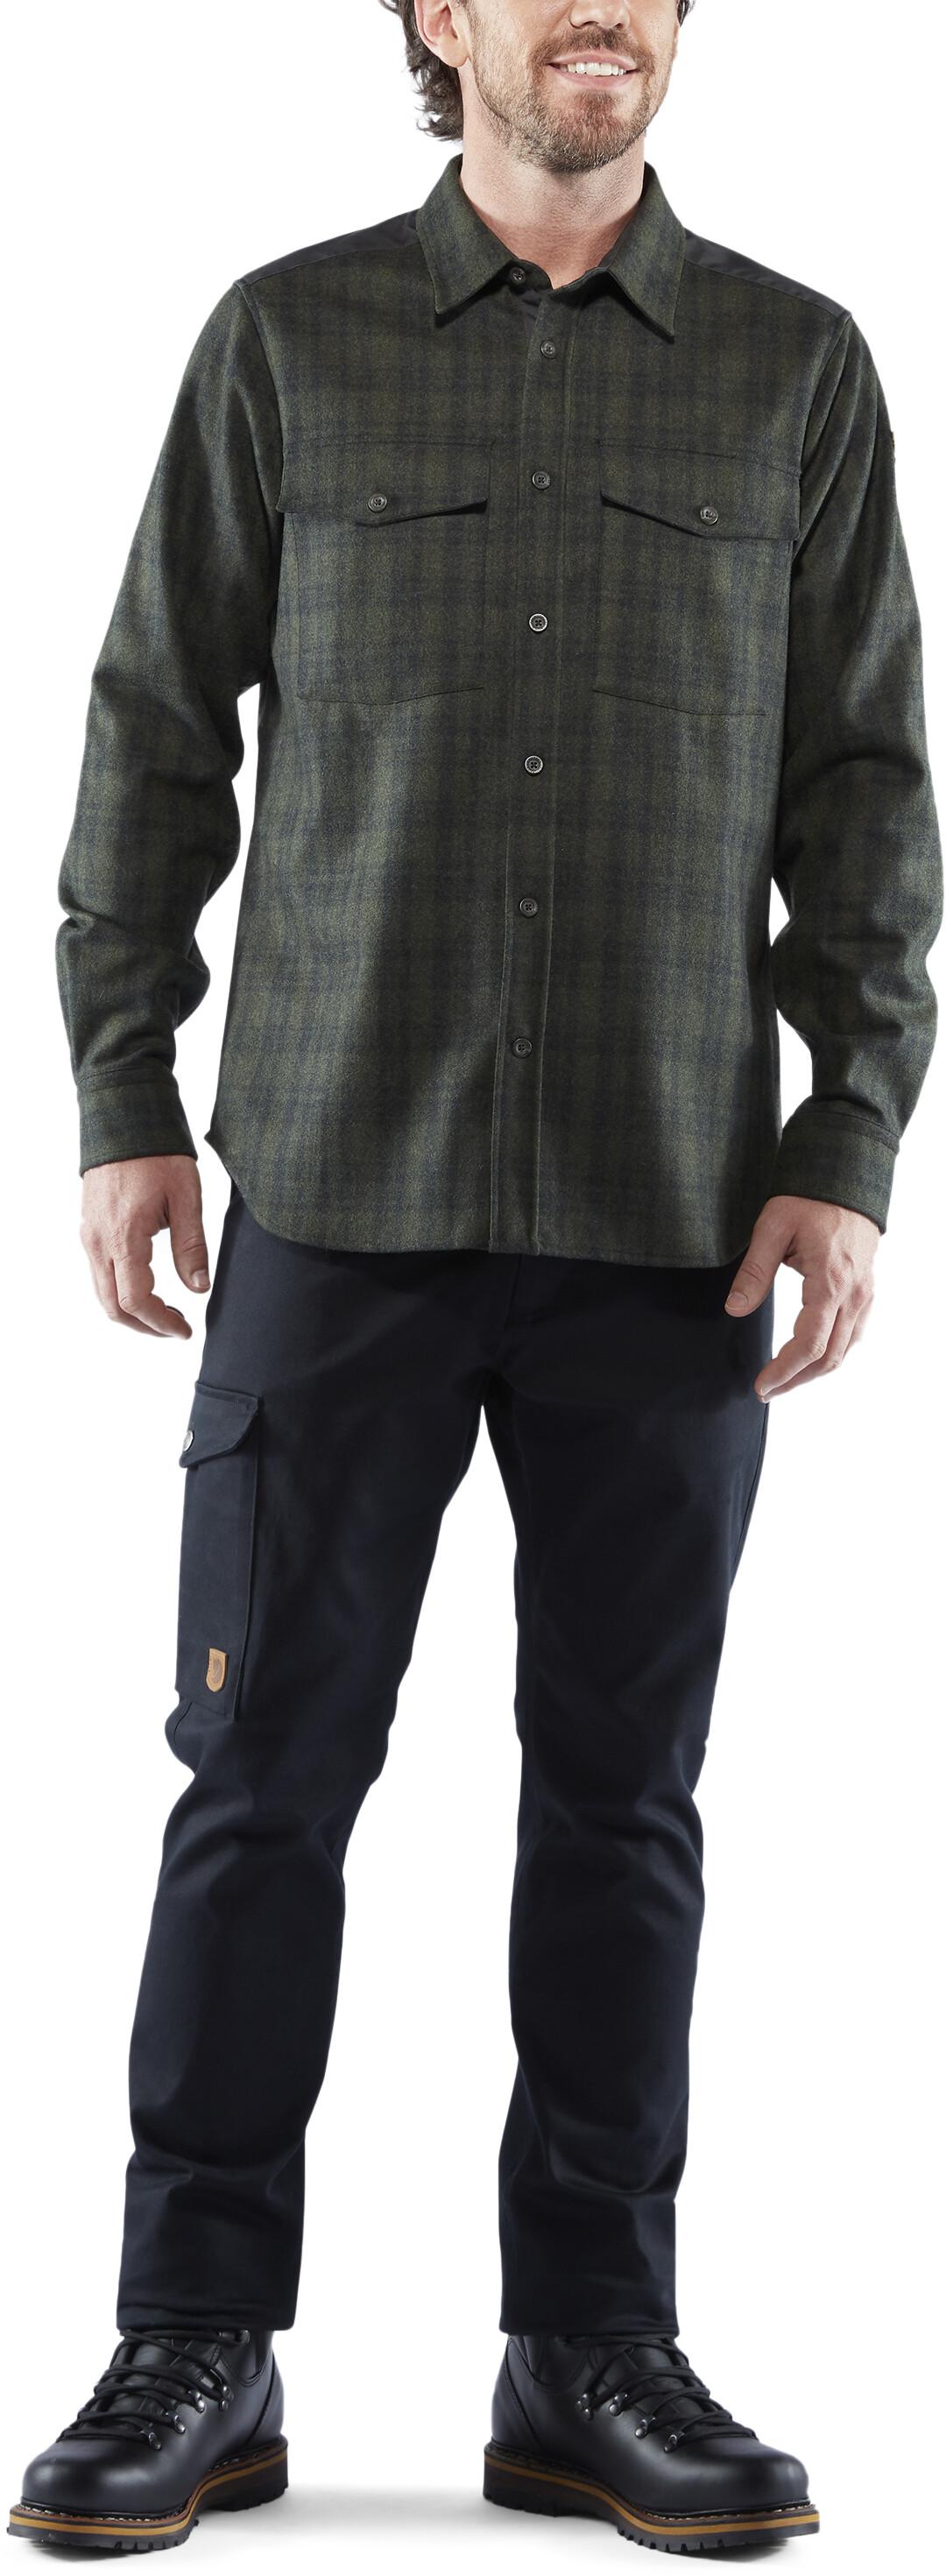 gute Qualität toller Wert 100% Zufriedenheit Fjällräven Övik Re-Wool Shirt LS Men dark grey-olive